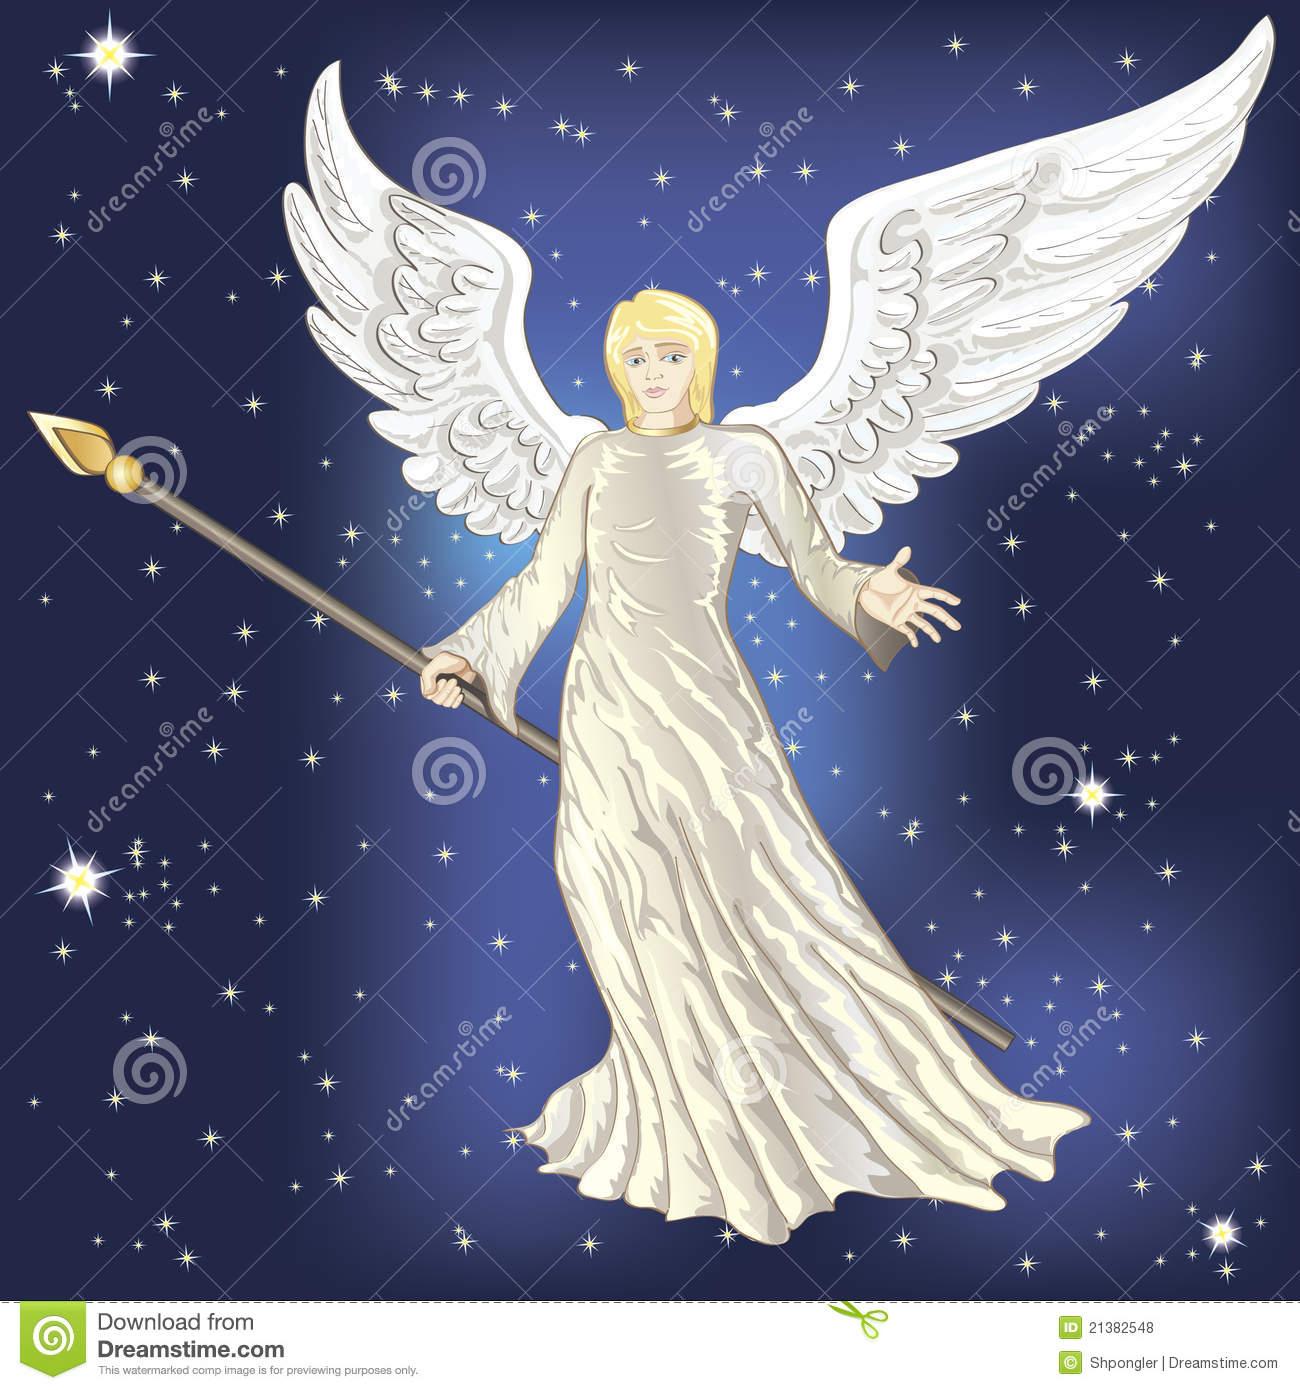 Engel Vektor Abbildung. Illustration Von Abbildung verwandt mit Bilder Engel Kostenlos